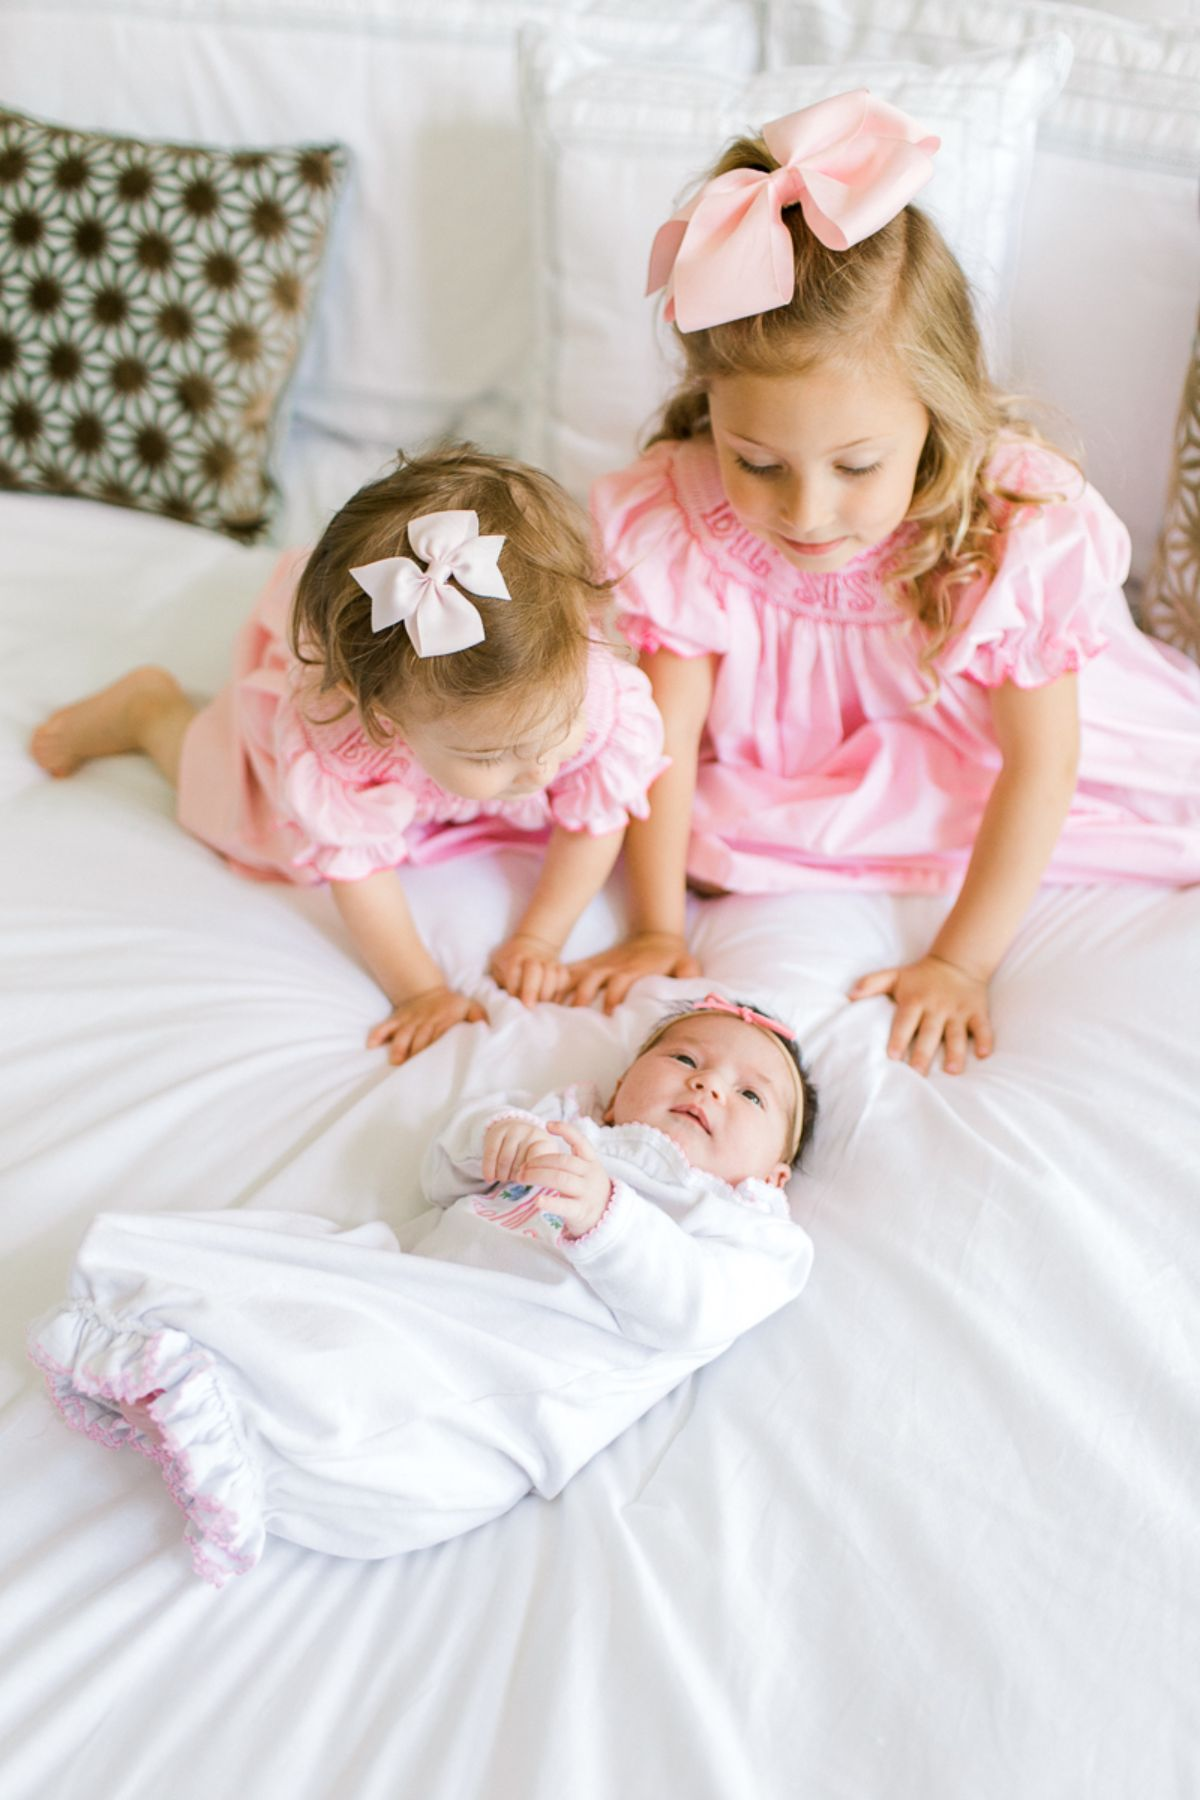 ennis-newborn-photographer-kaitlyn-bullard-charlotte-lifestyle-newborn-49.jpg